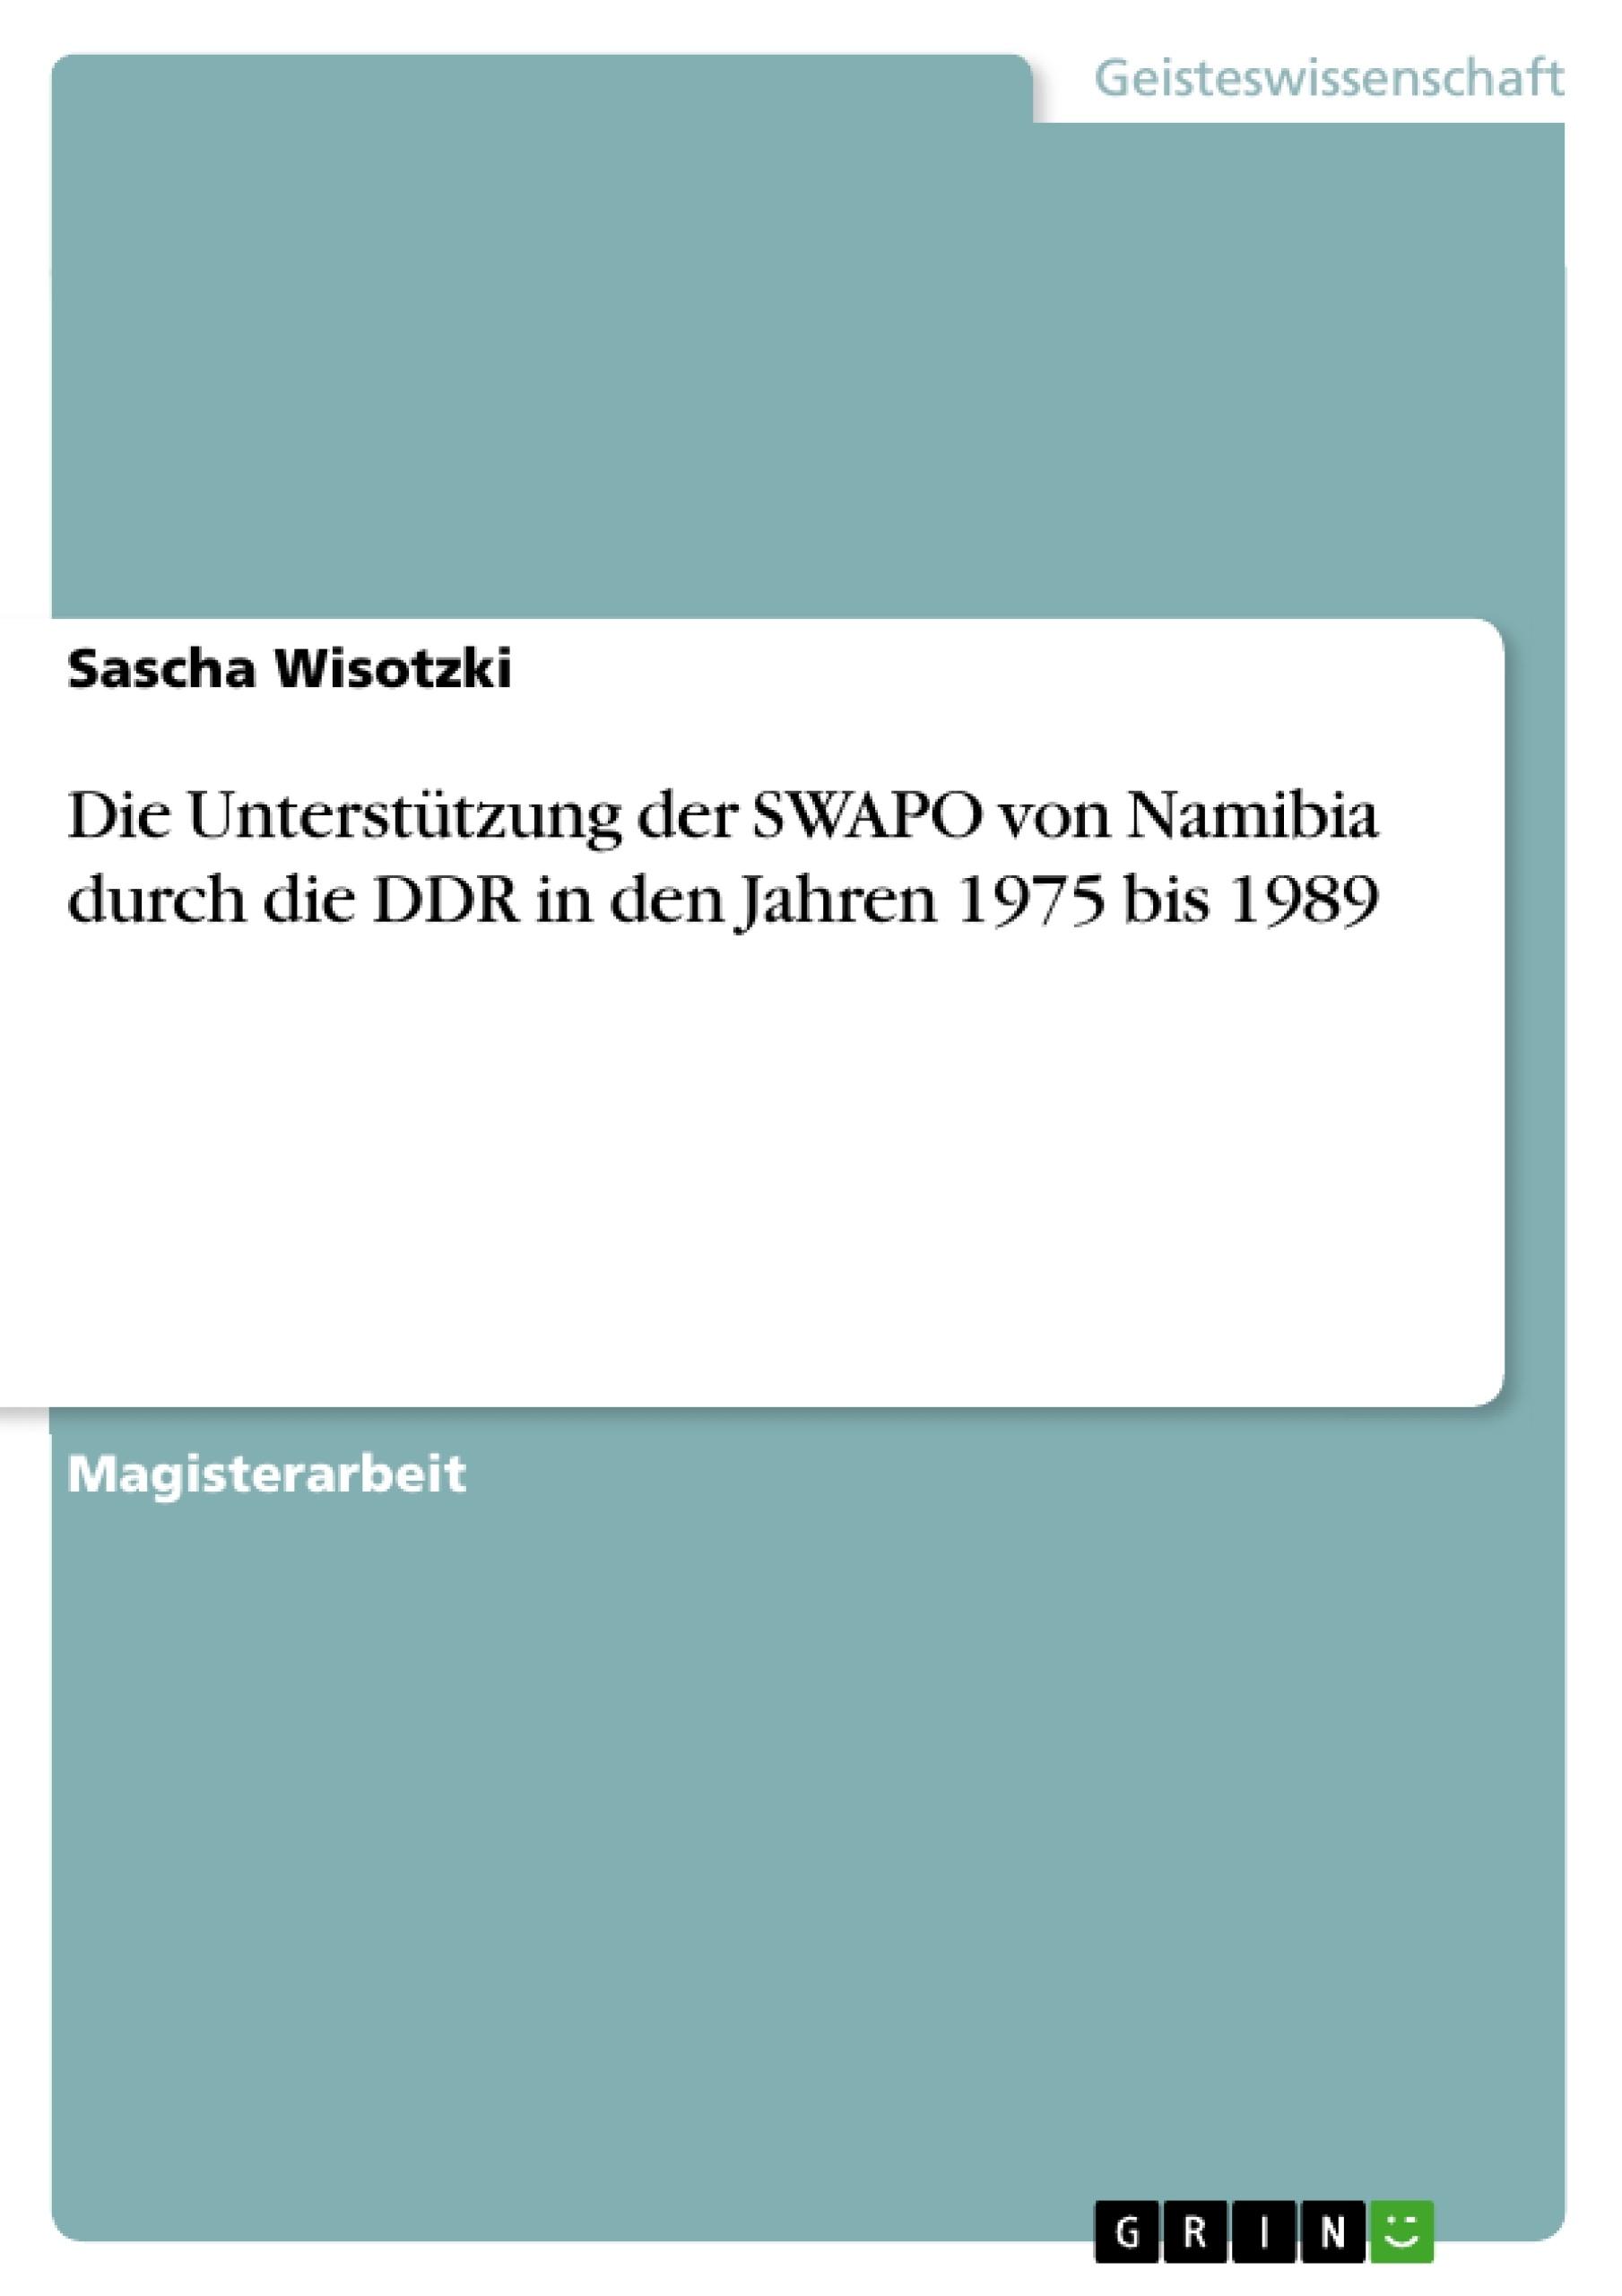 Titel: Die Unterstützung der SWAPO von Namibia durch die DDR in den Jahren 1975 bis 1989